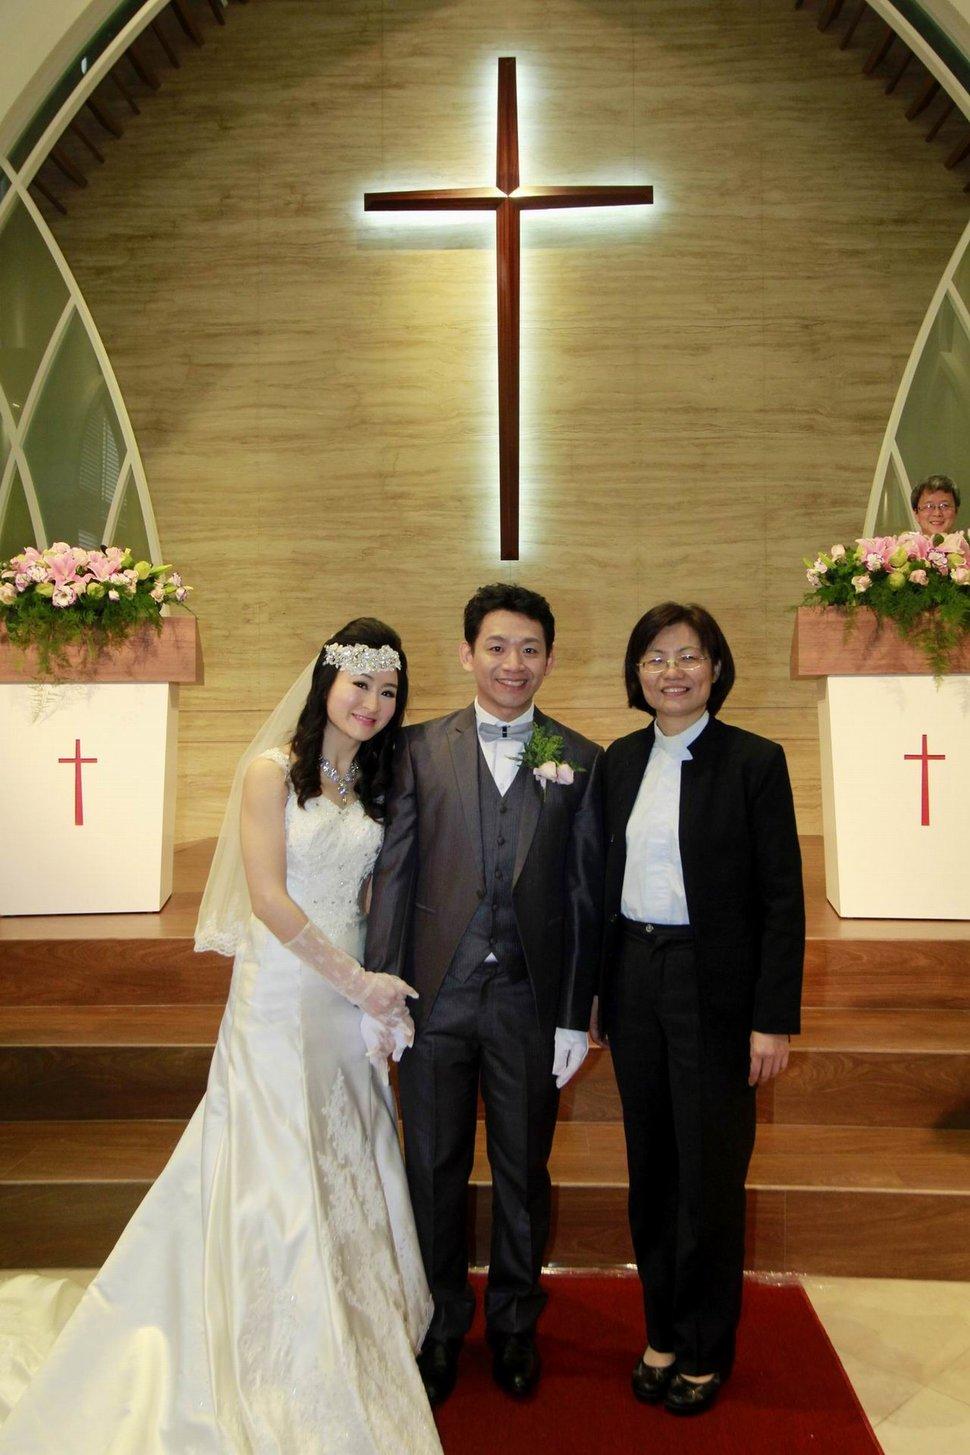 婚禮記錄汐止那米哥餐廳婚宴會館餐廳婚攝j婚錄結婚迎娶婚禮記錄動態微電影錄影專業錄影平面攝影婚禮紀錄婚攝婚錄主持人(編號:305638) - 蜜月拍照10800錄影12800攝影團隊 - 結婚吧